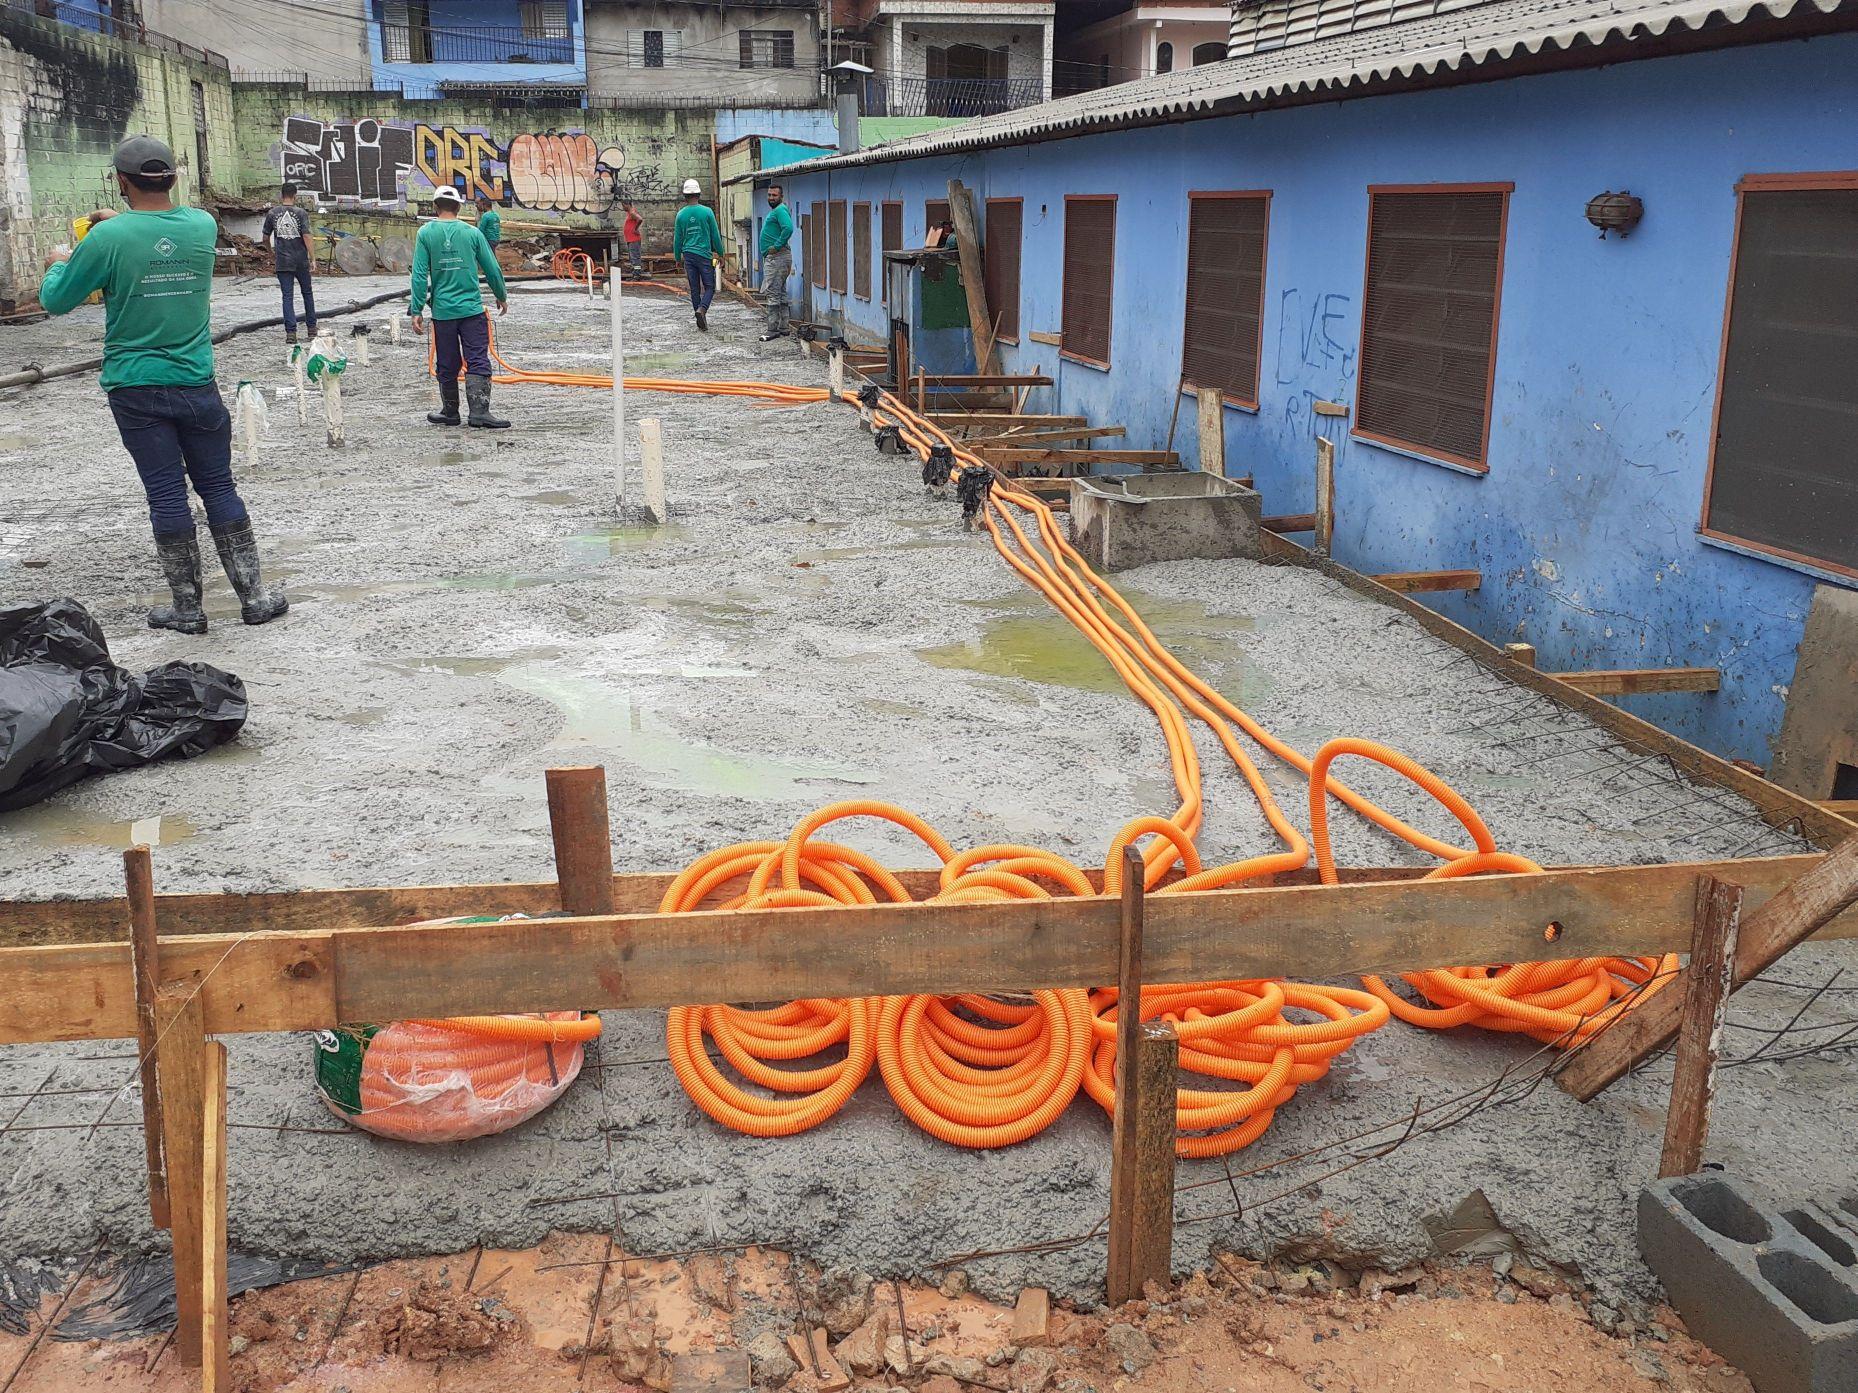 preparando para rede elétrica